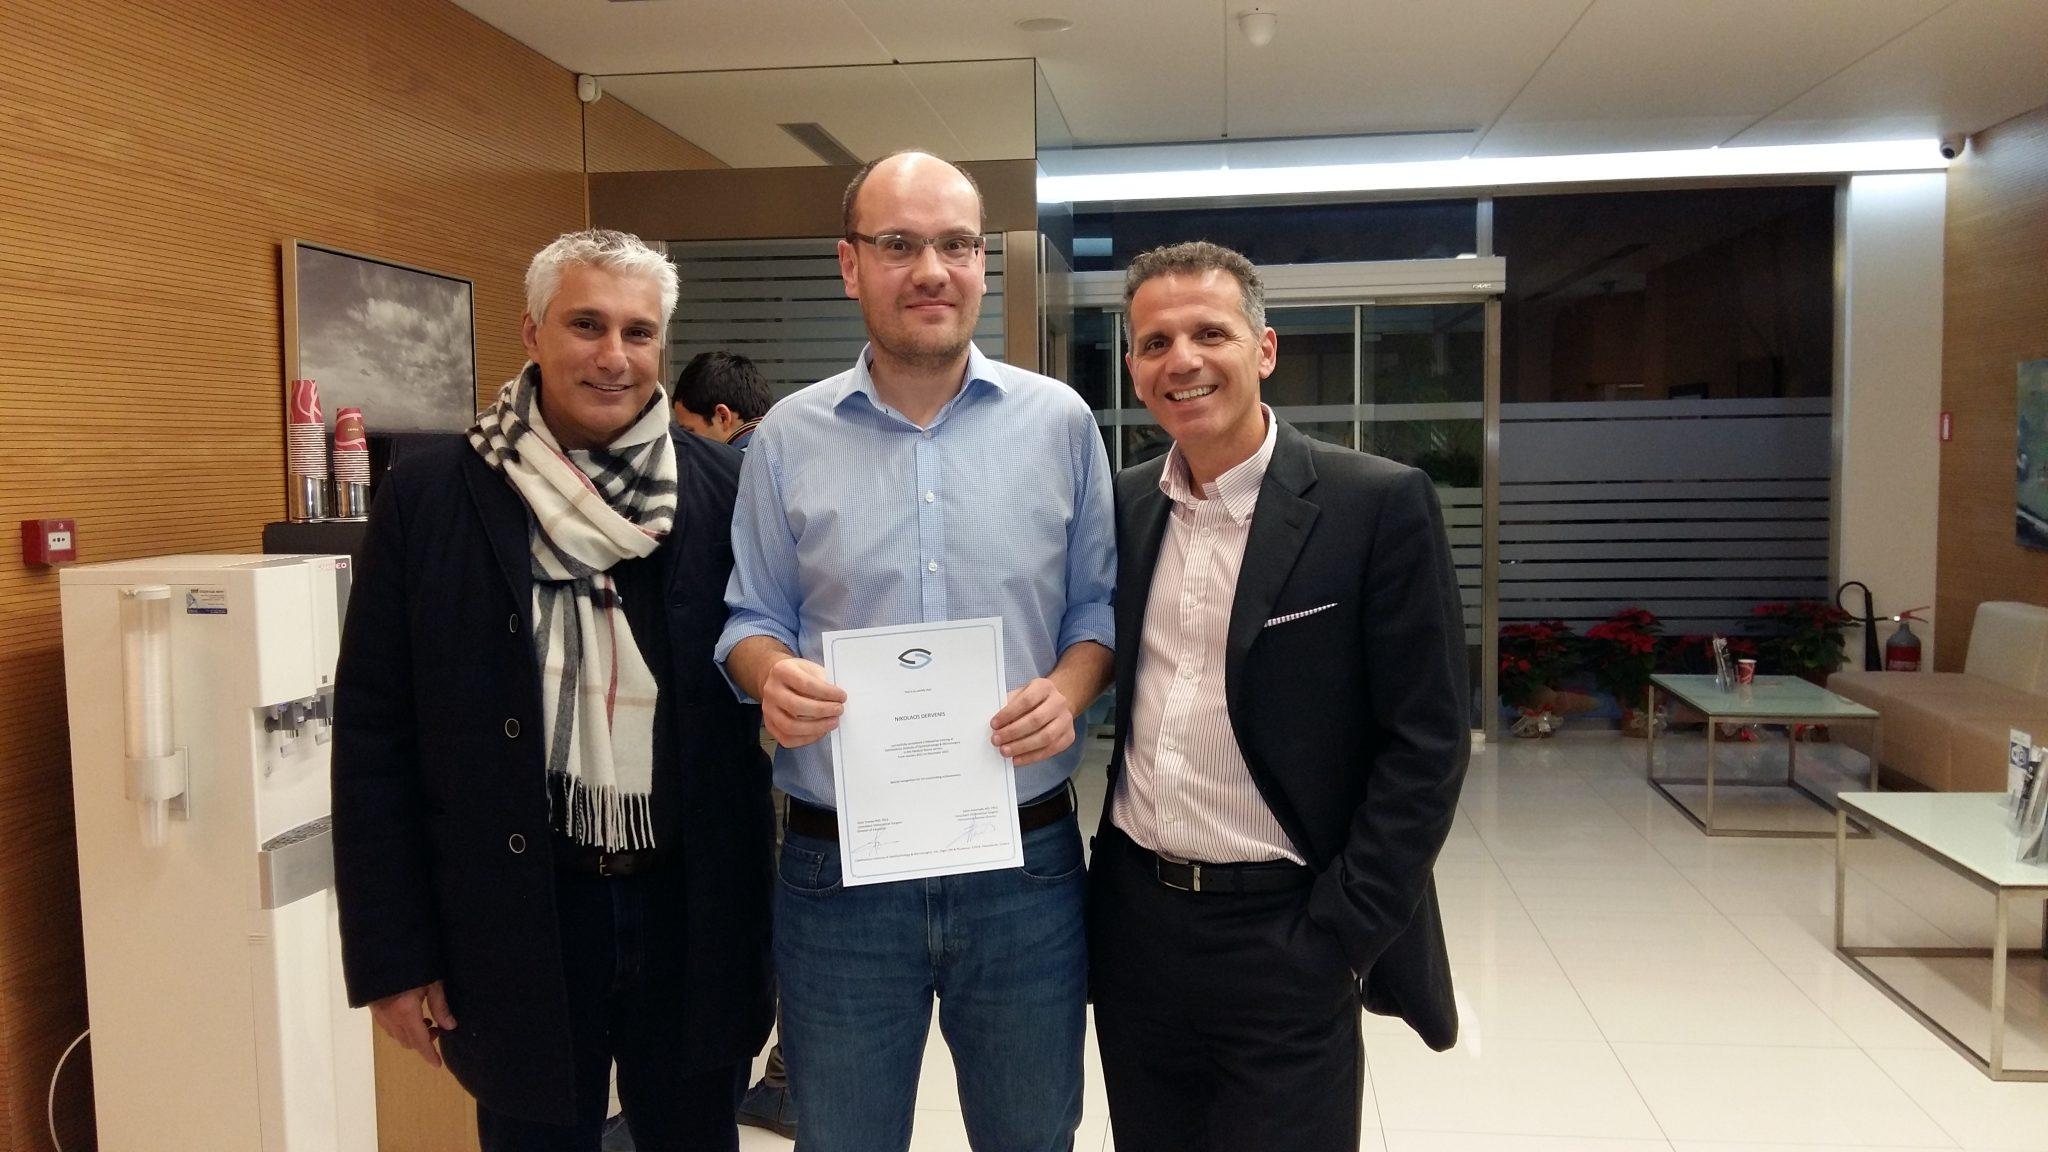 dervenis fellowship certificate3